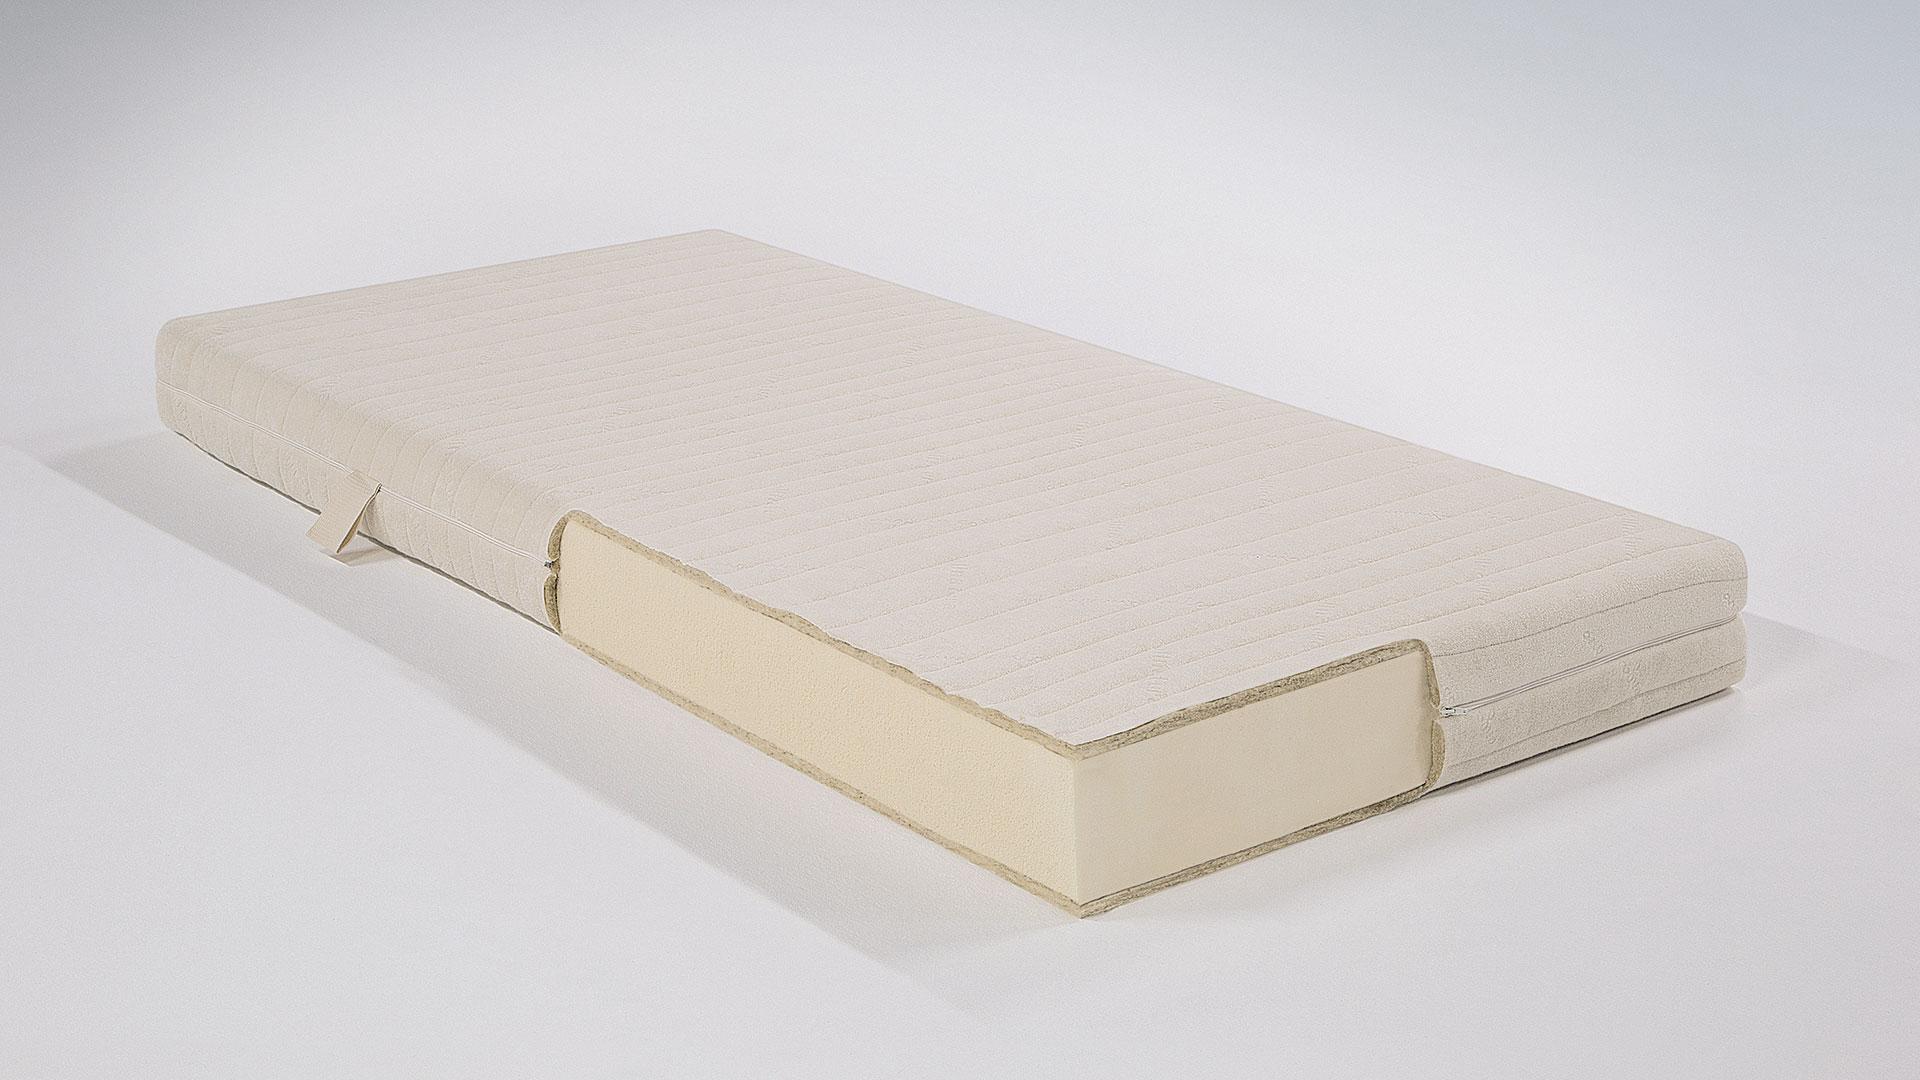 matratzen fr allergiker simple detailbild des kopfteils eines in hellgrau with matratzen fr. Black Bedroom Furniture Sets. Home Design Ideas